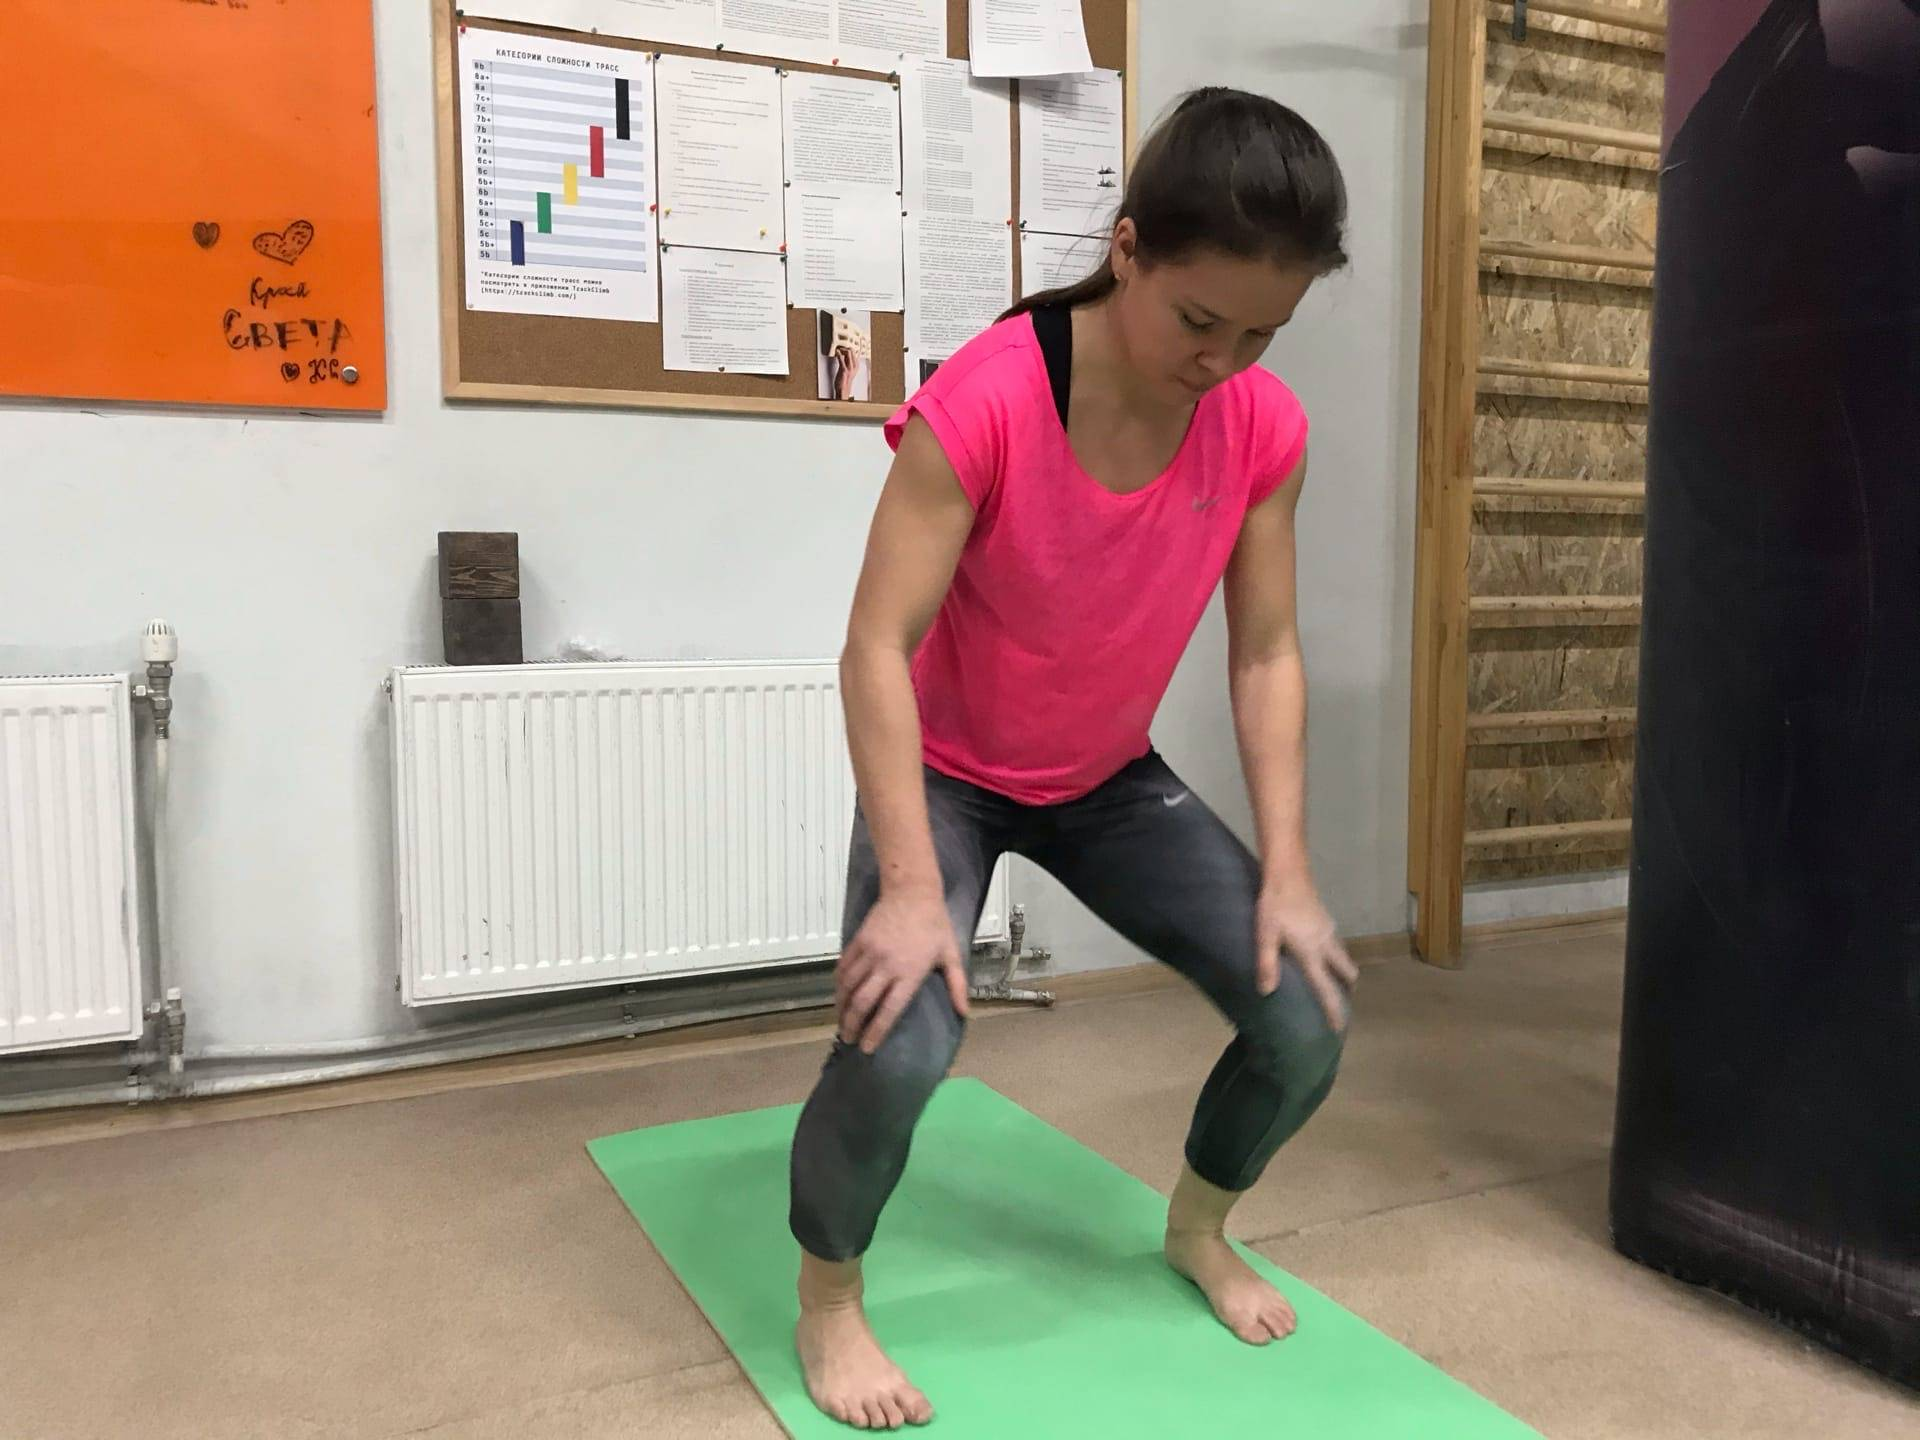 Суставная разминка перед тренировкой: техника выполнения с видео и программы